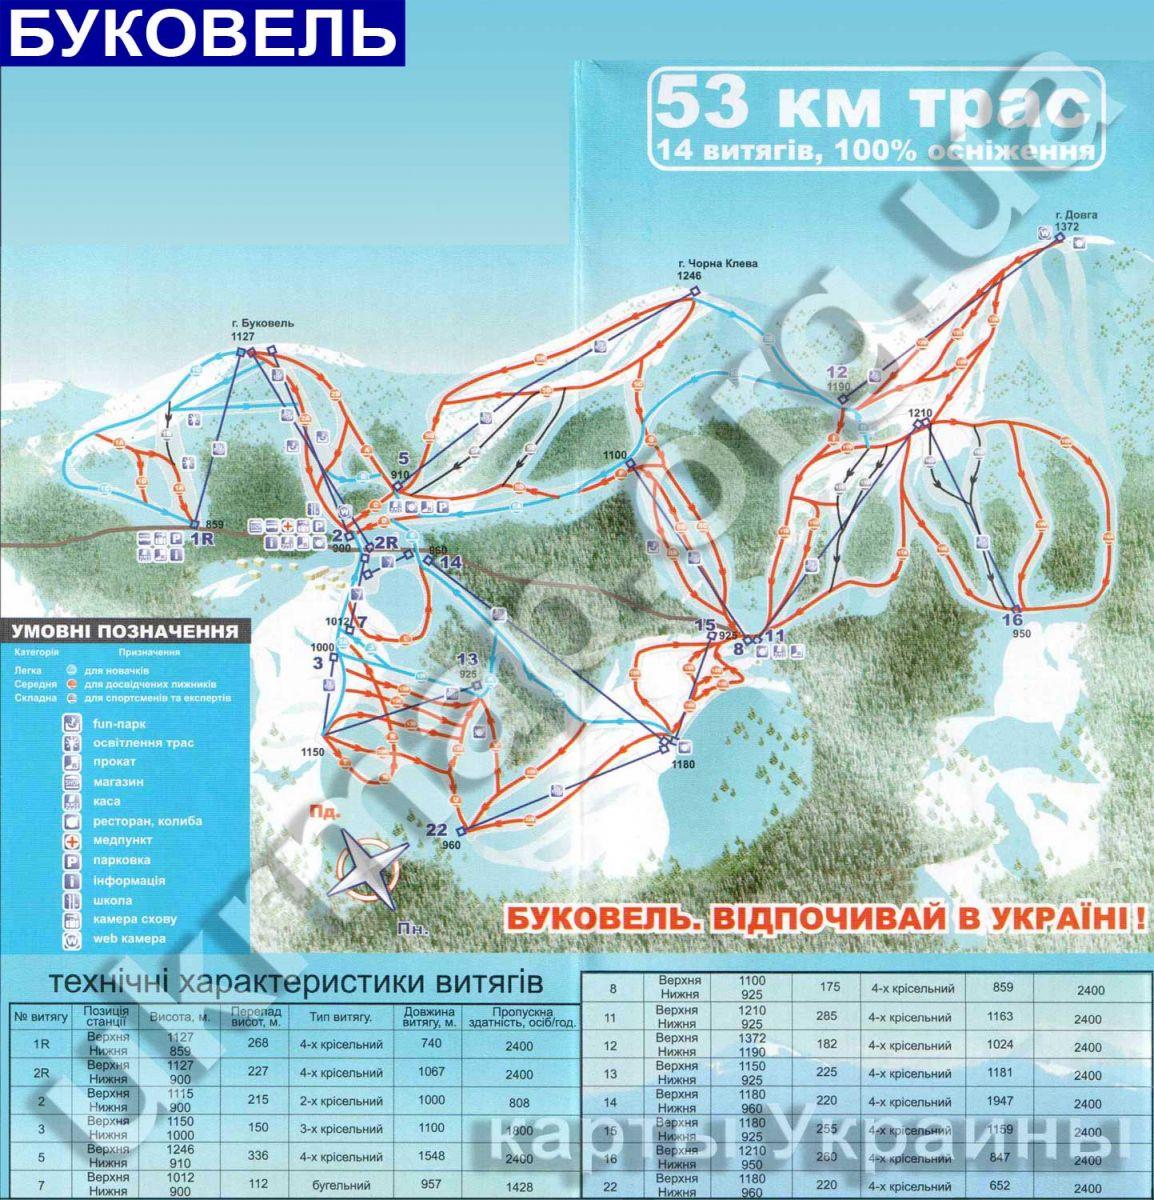 Где находится буковель на карте украины